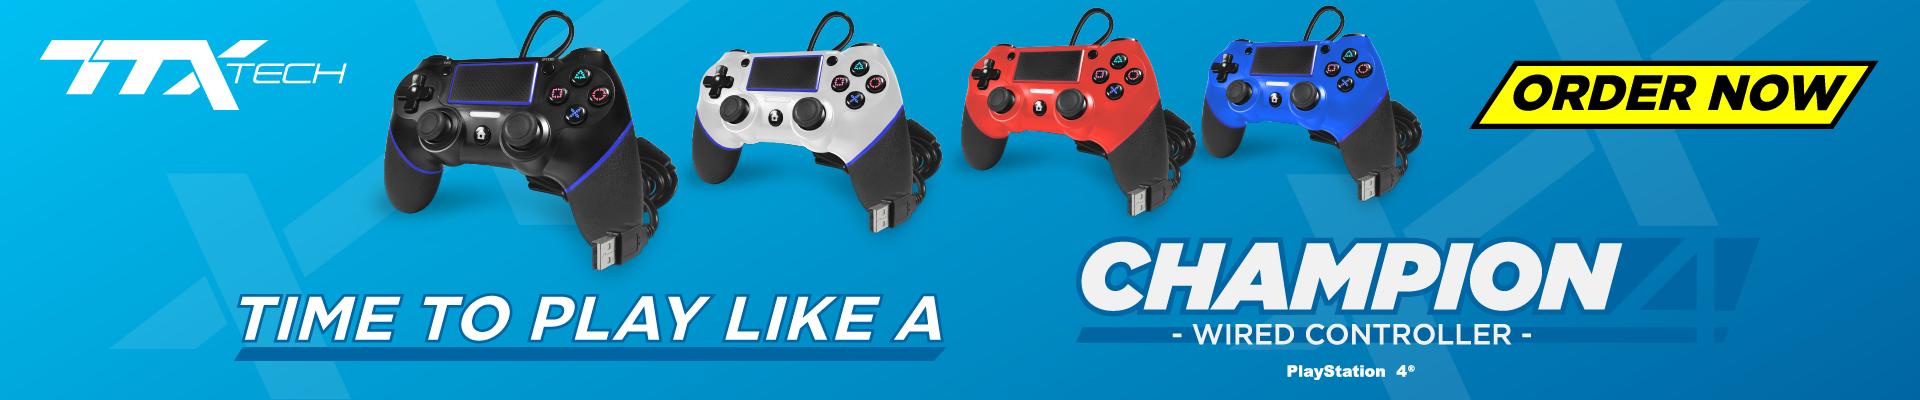 TTX Tech, Champion, PS4, controller